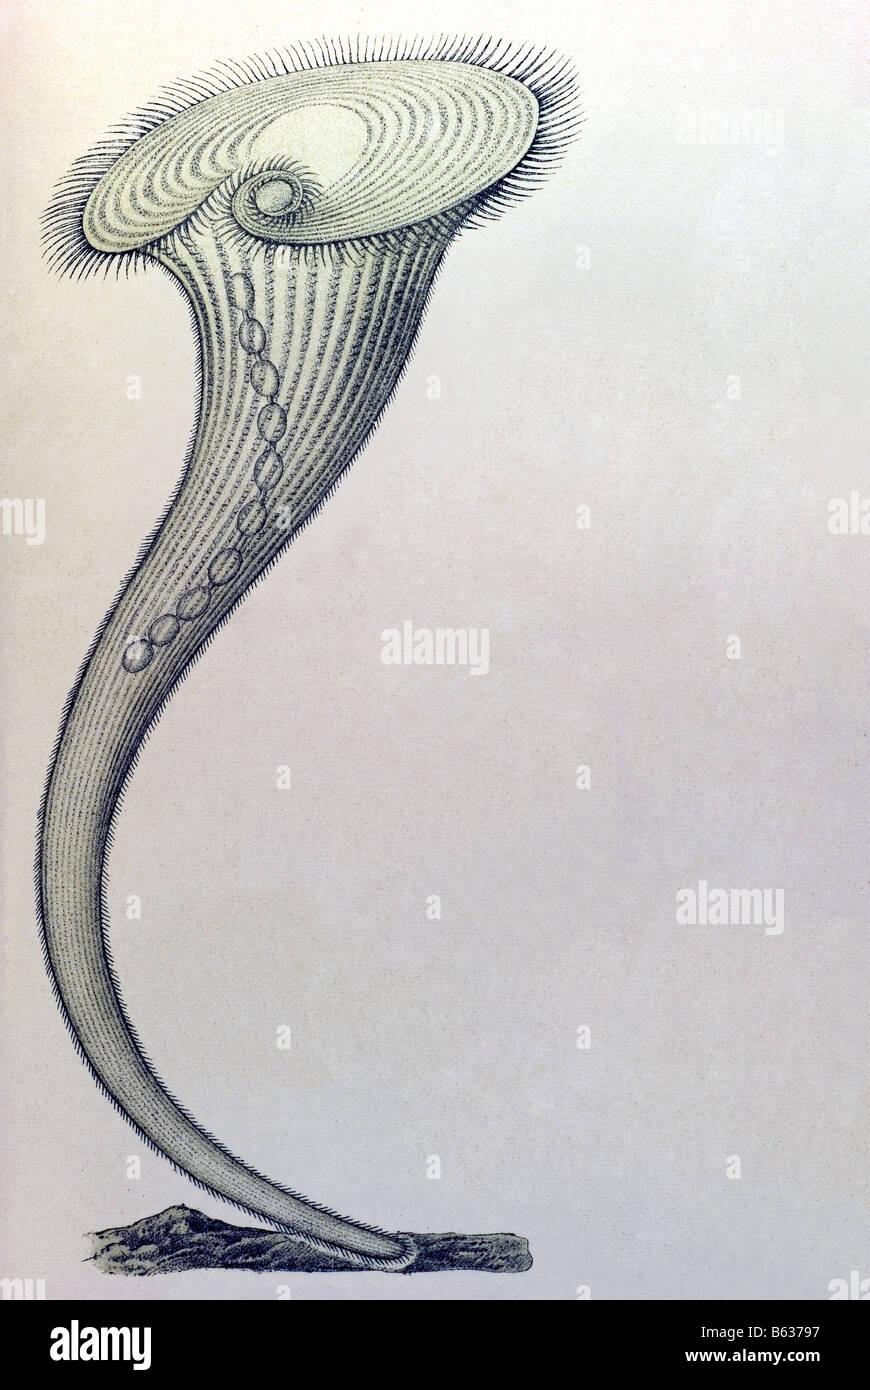 / Wimperlinge ciliata, nombre Stentor, Haeckel, Kunstformen der Natur, art nouveau, del siglo XX, Europa Imagen De Stock